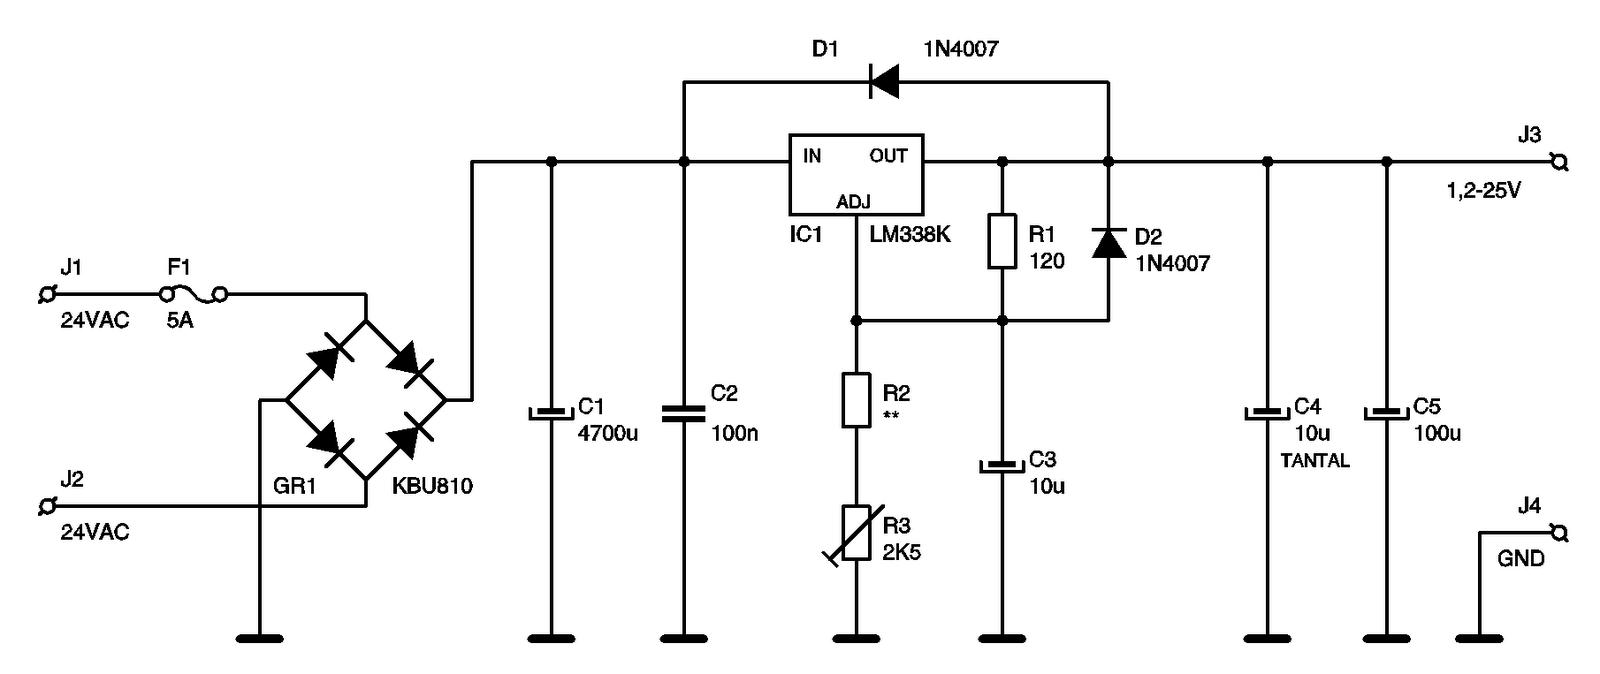 Eletrônica Free Circuits: Esquema fonte variável com